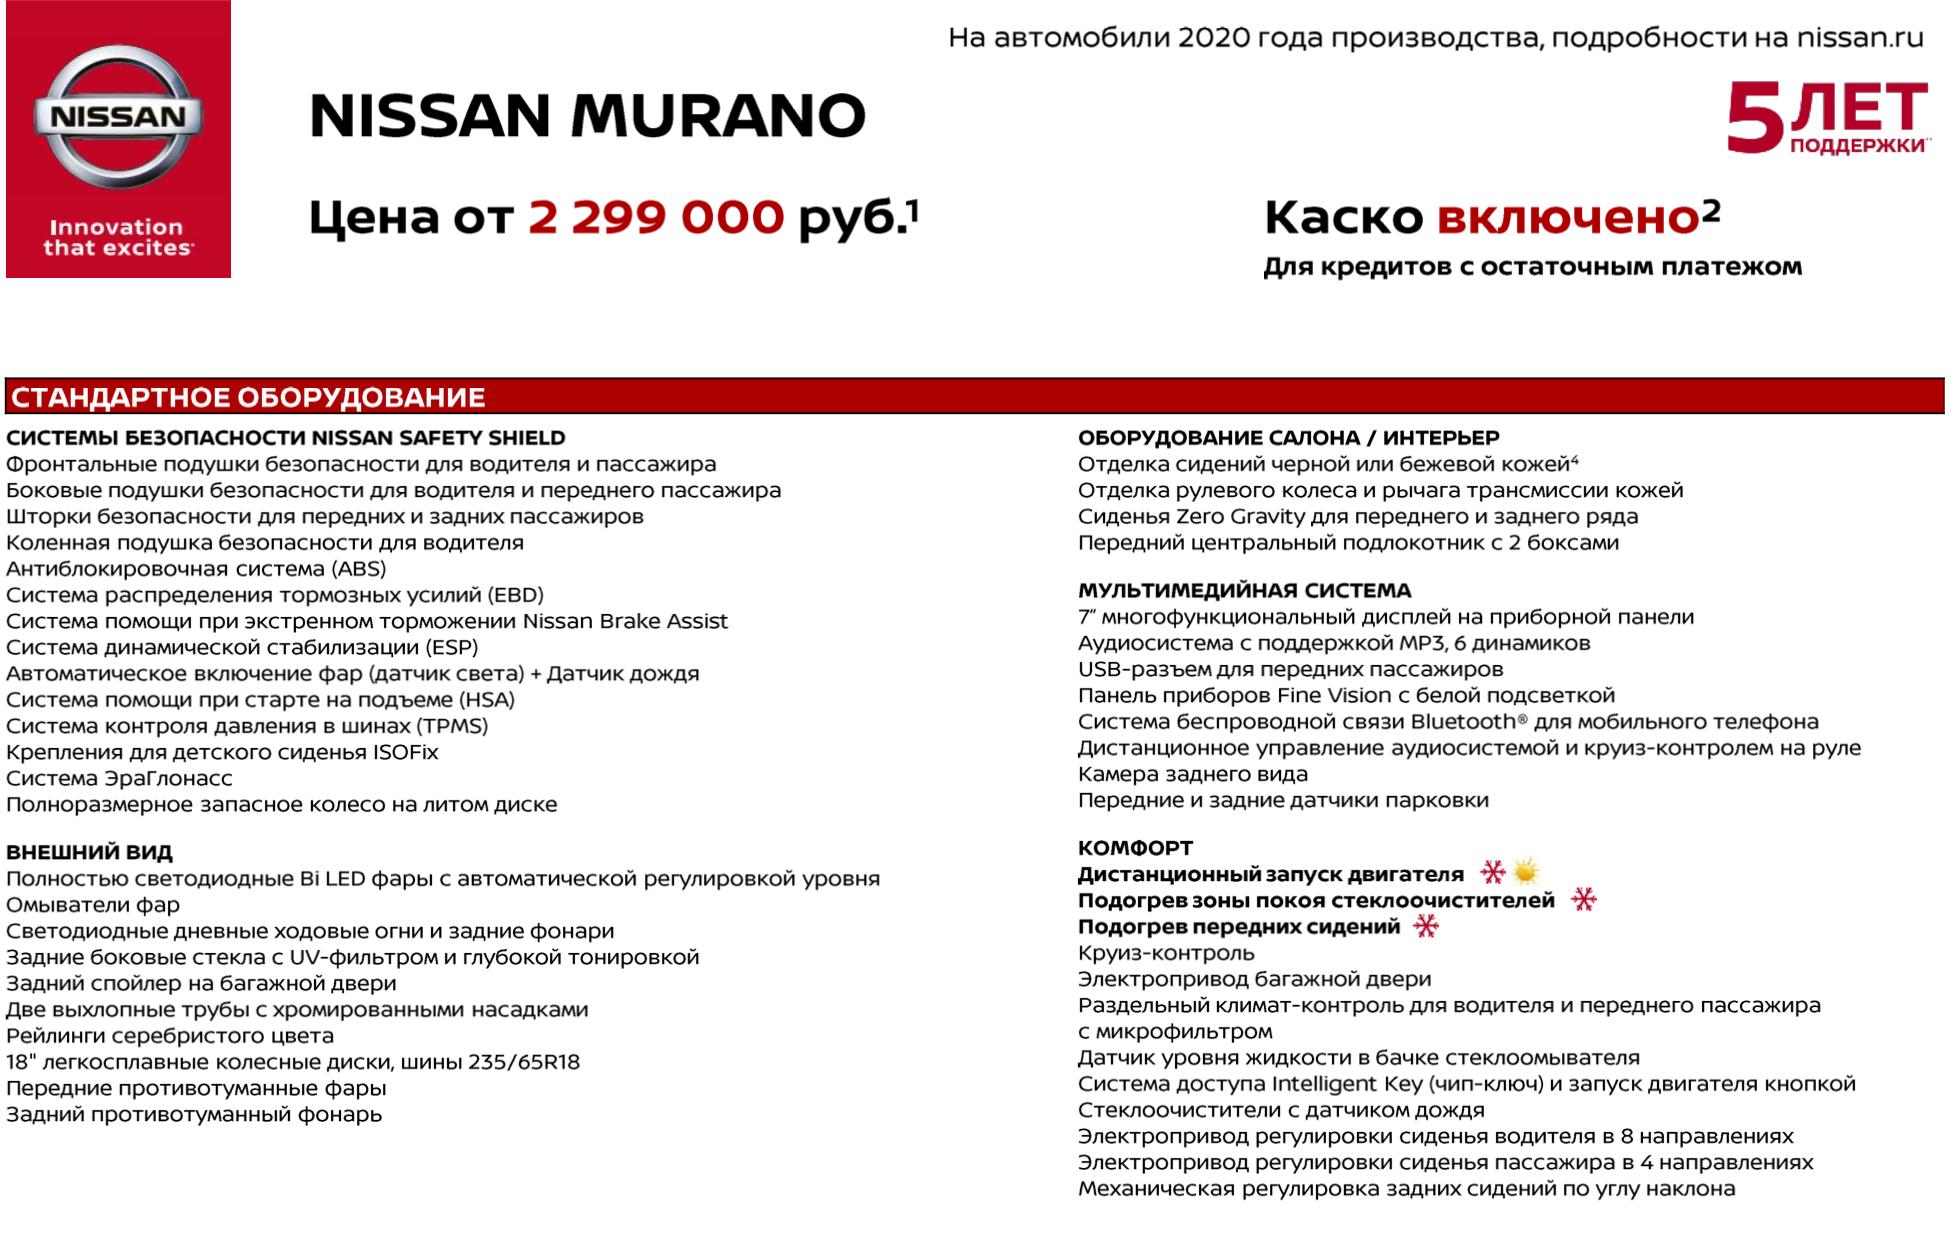 Оригинальный прайс-лист нового Nissan Murano Z52